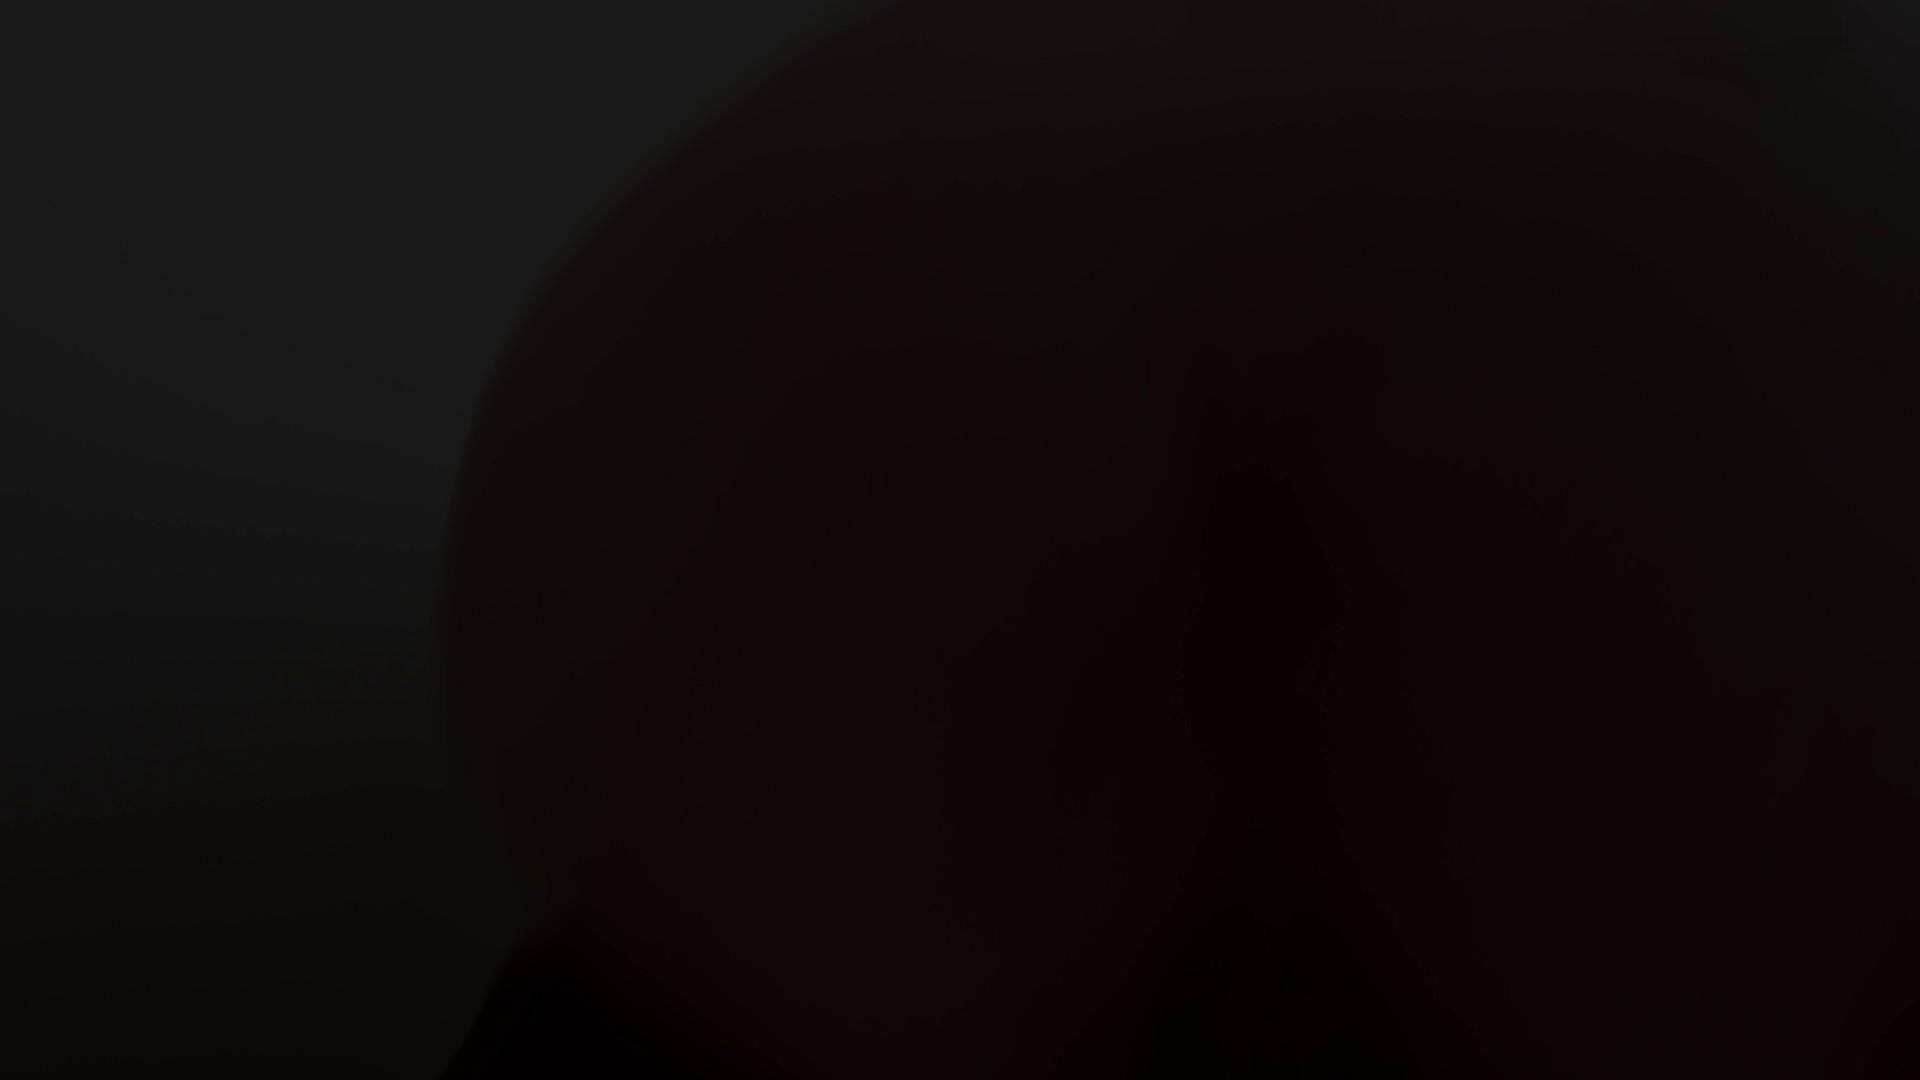 芸術大学ガチ潜入盗撮 JD盗撮 美女の洗面所の秘密 Vol.97 洗面所  91PIX 1